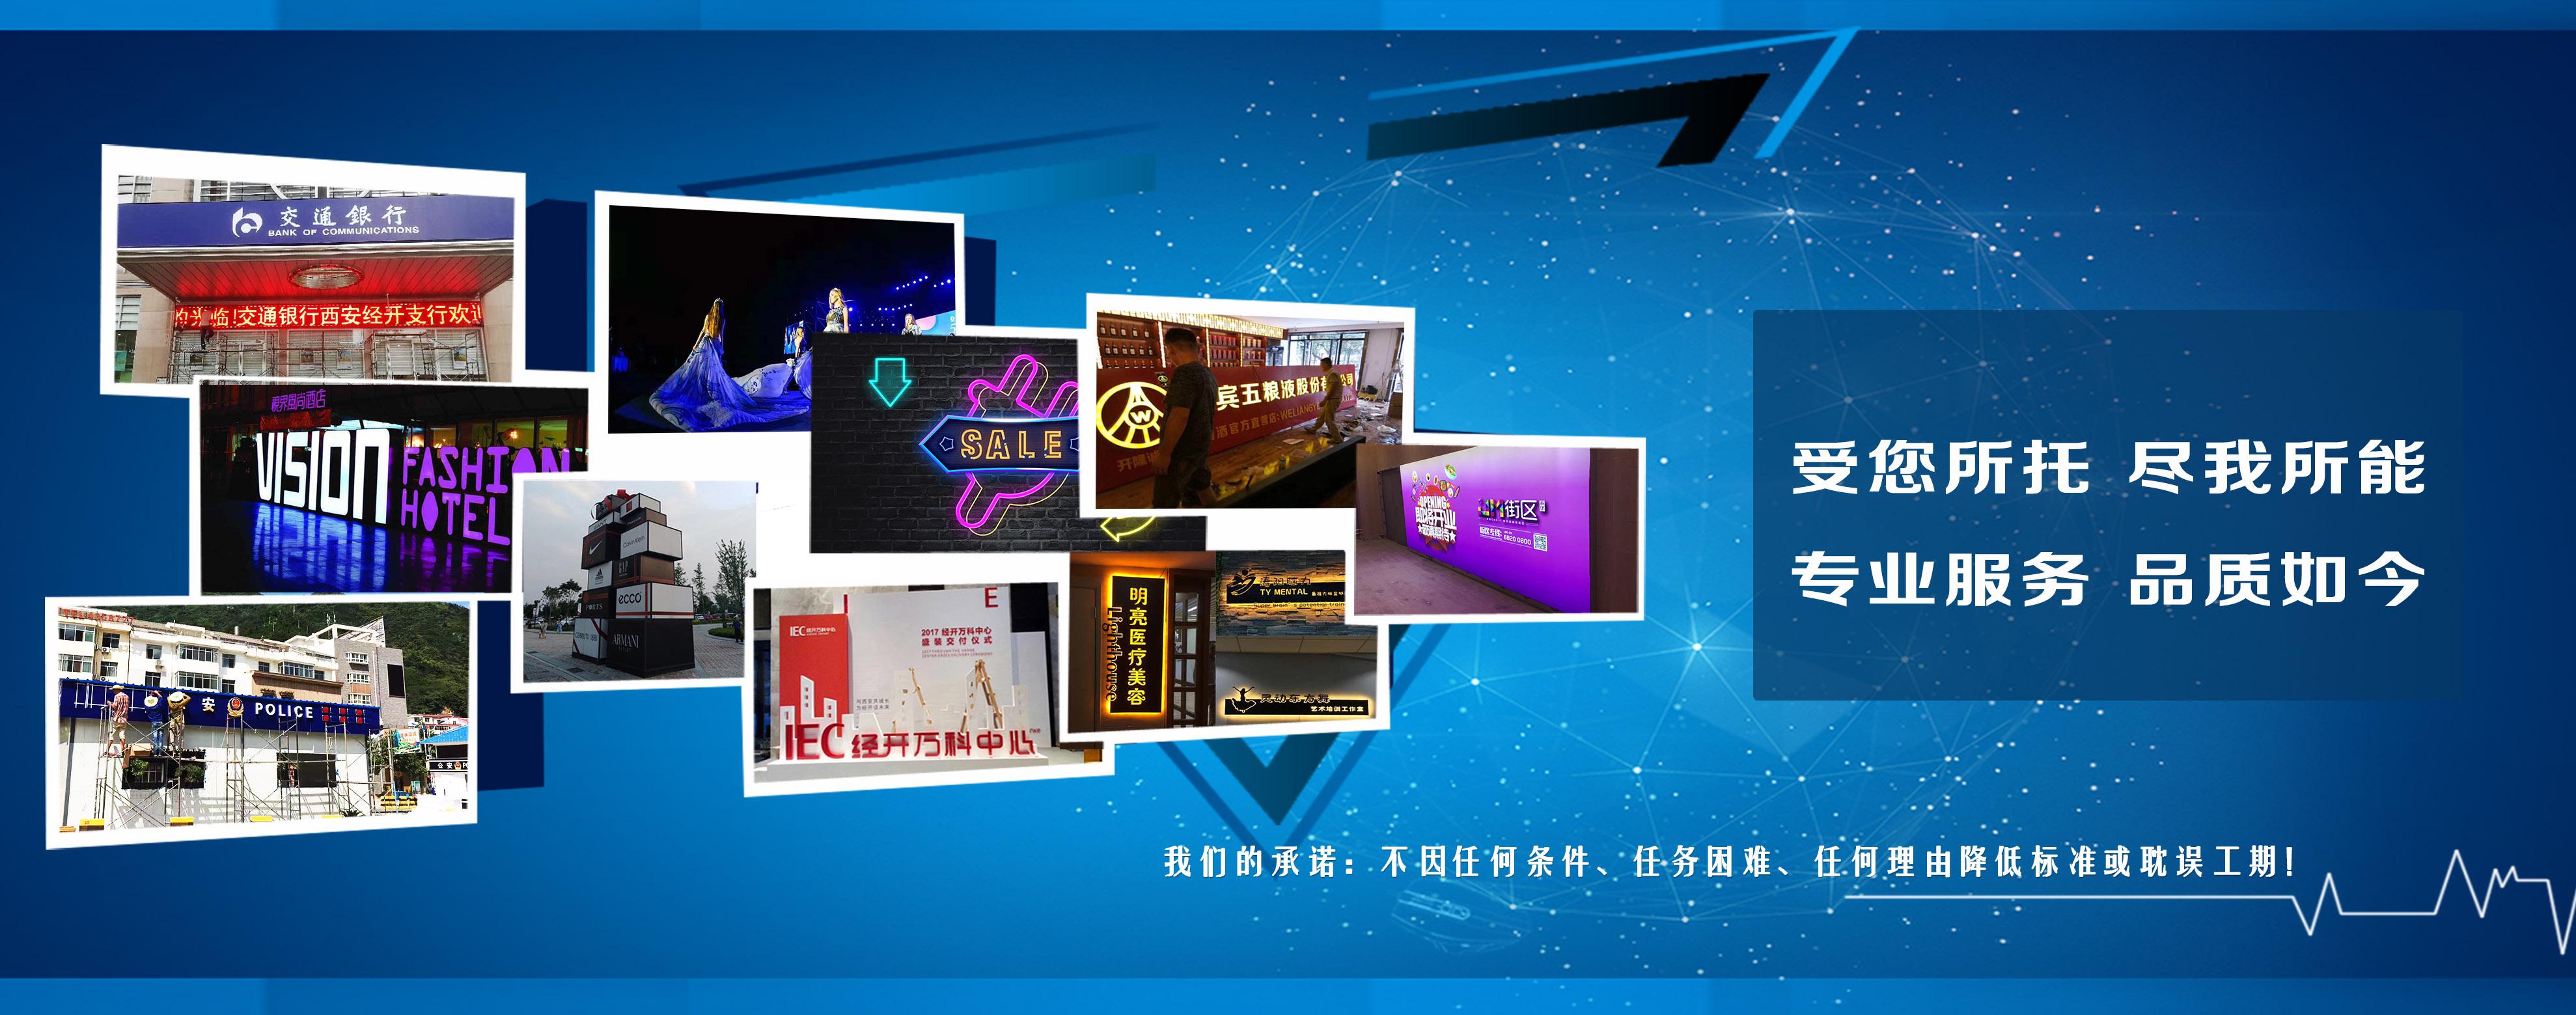 万博X手机下载门头万博官网manbetx登陆app平台